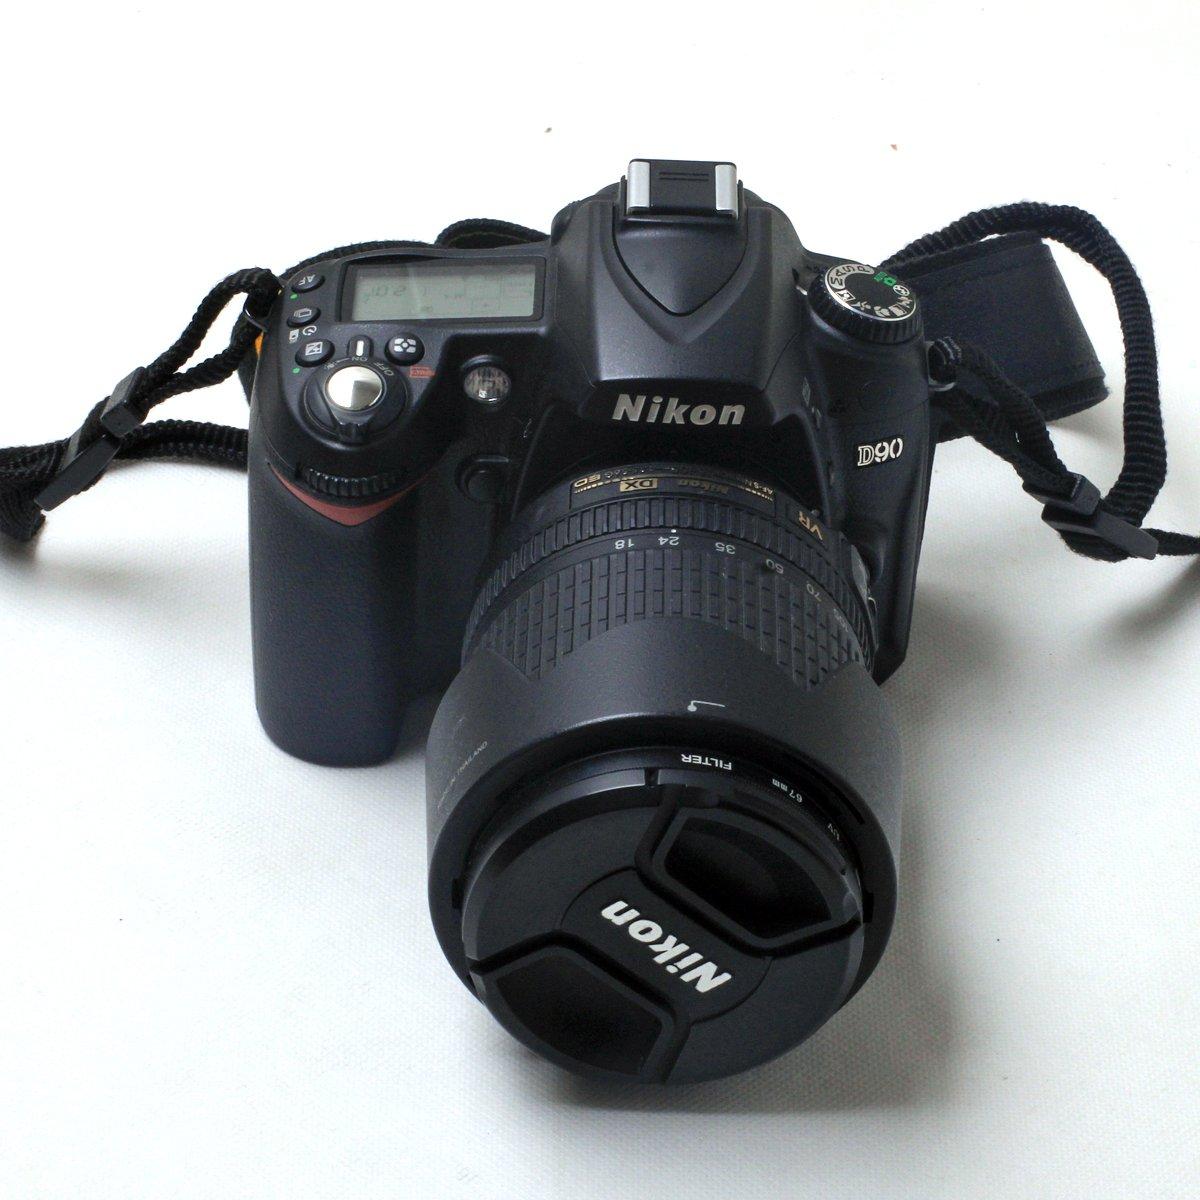 尼康d90说明书_尼康D90单反相机怎么样?-